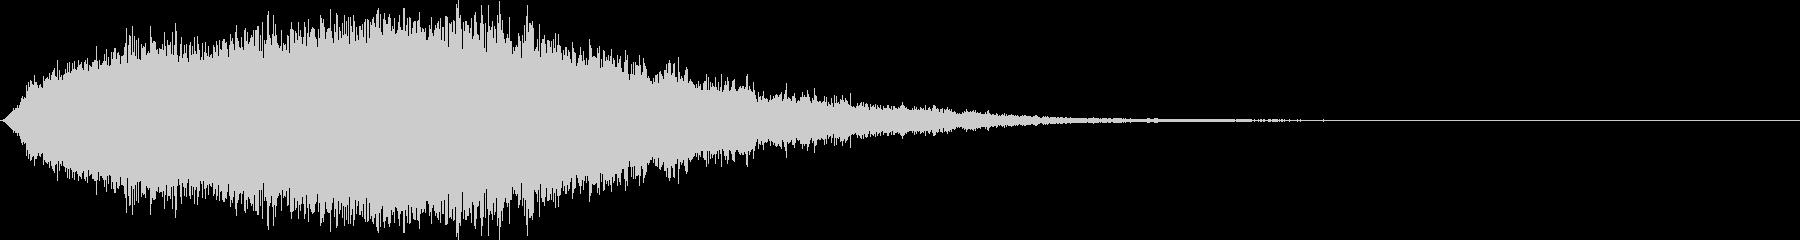 【ダーク・ホラー】アトモスフィア_03の未再生の波形